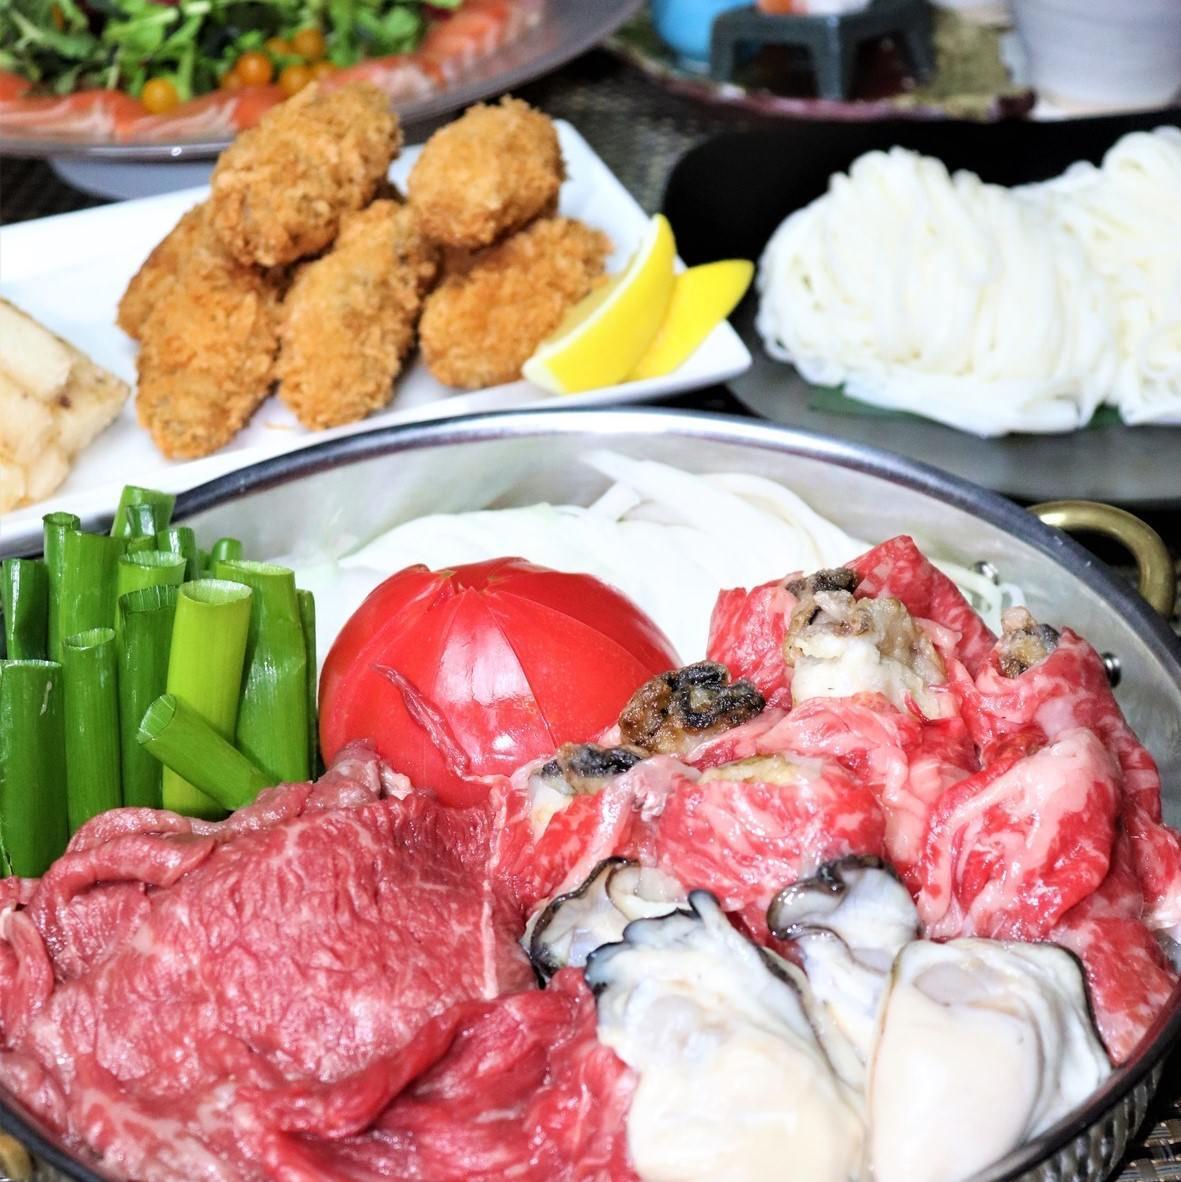 【飲み放題付き 宴会】牡蠣と黒毛和牛のトマトすき焼きコース 7,700円(税込)